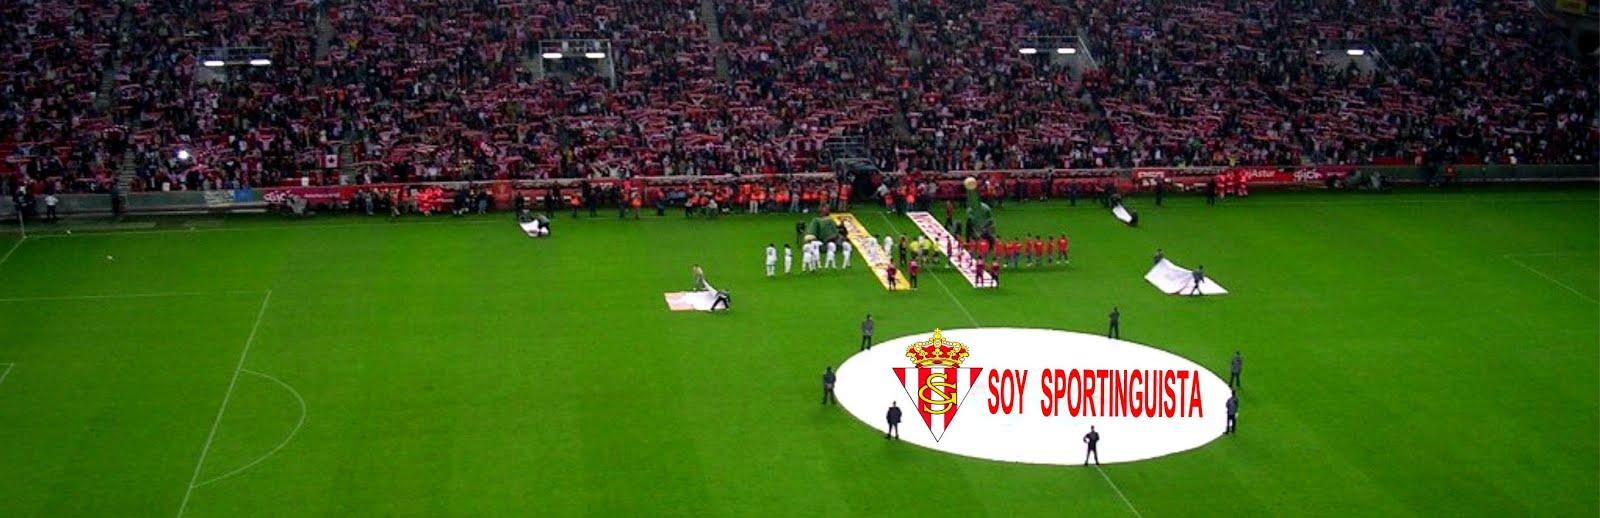 Soy Sportinguista. Noticias, fichajes, videos y fotos Sporting de Gijón y de la Liga Smartbank